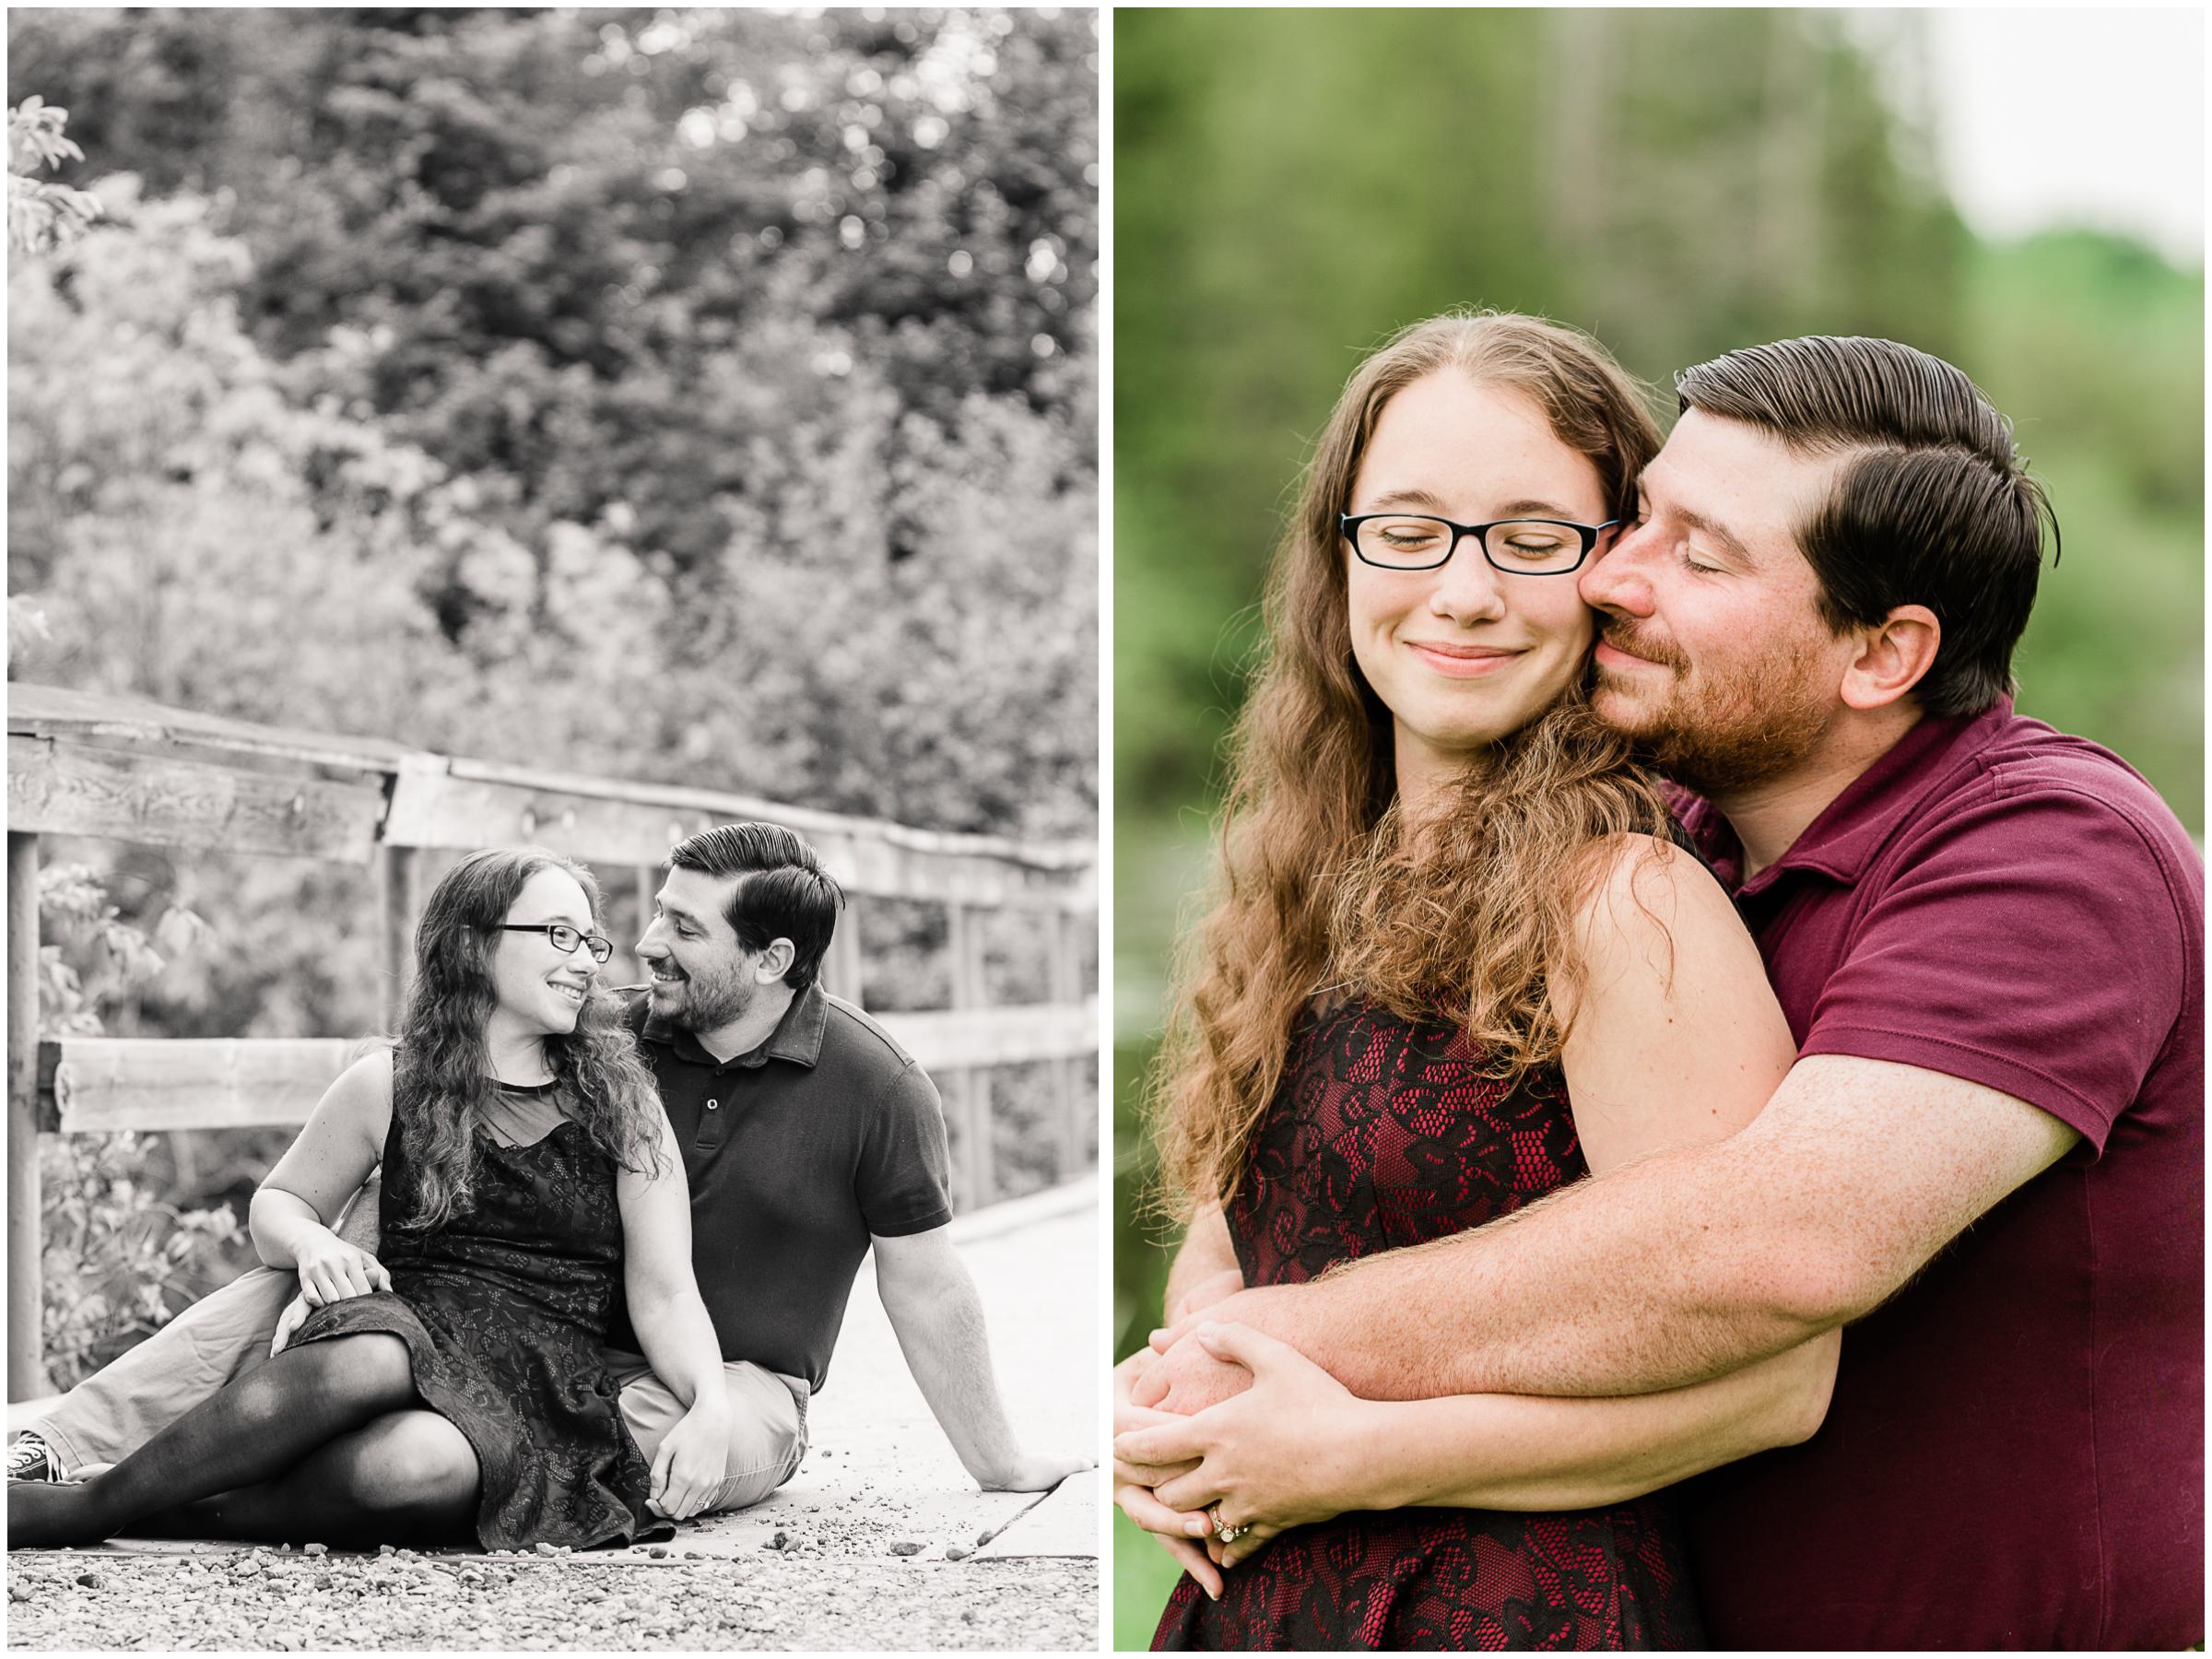 minocqua-wisconsin-harshaw-wedding-engagement-family-senior-photographer-photography-rhinelander-eagle-river2.jpg